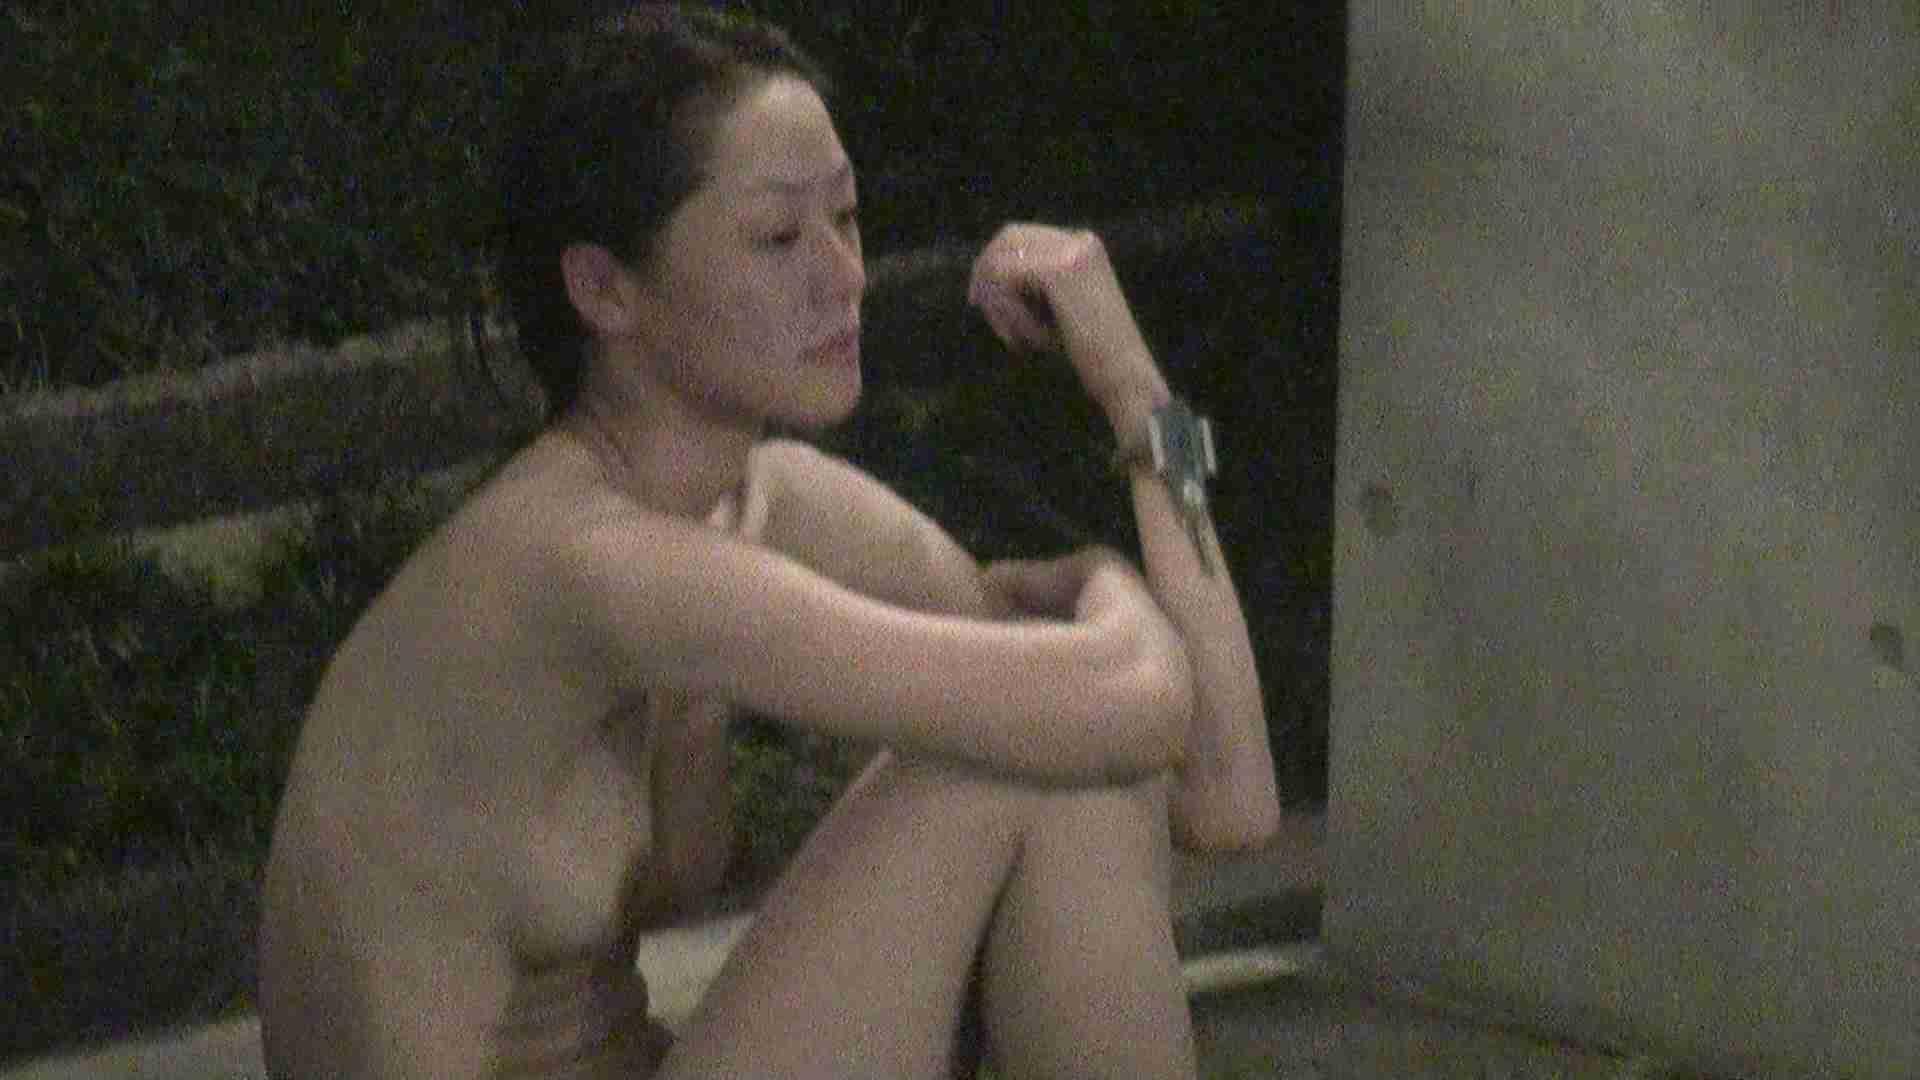 Aquaな露天風呂Vol.318 美しいOLの裸体   盗撮師作品  105pic 76